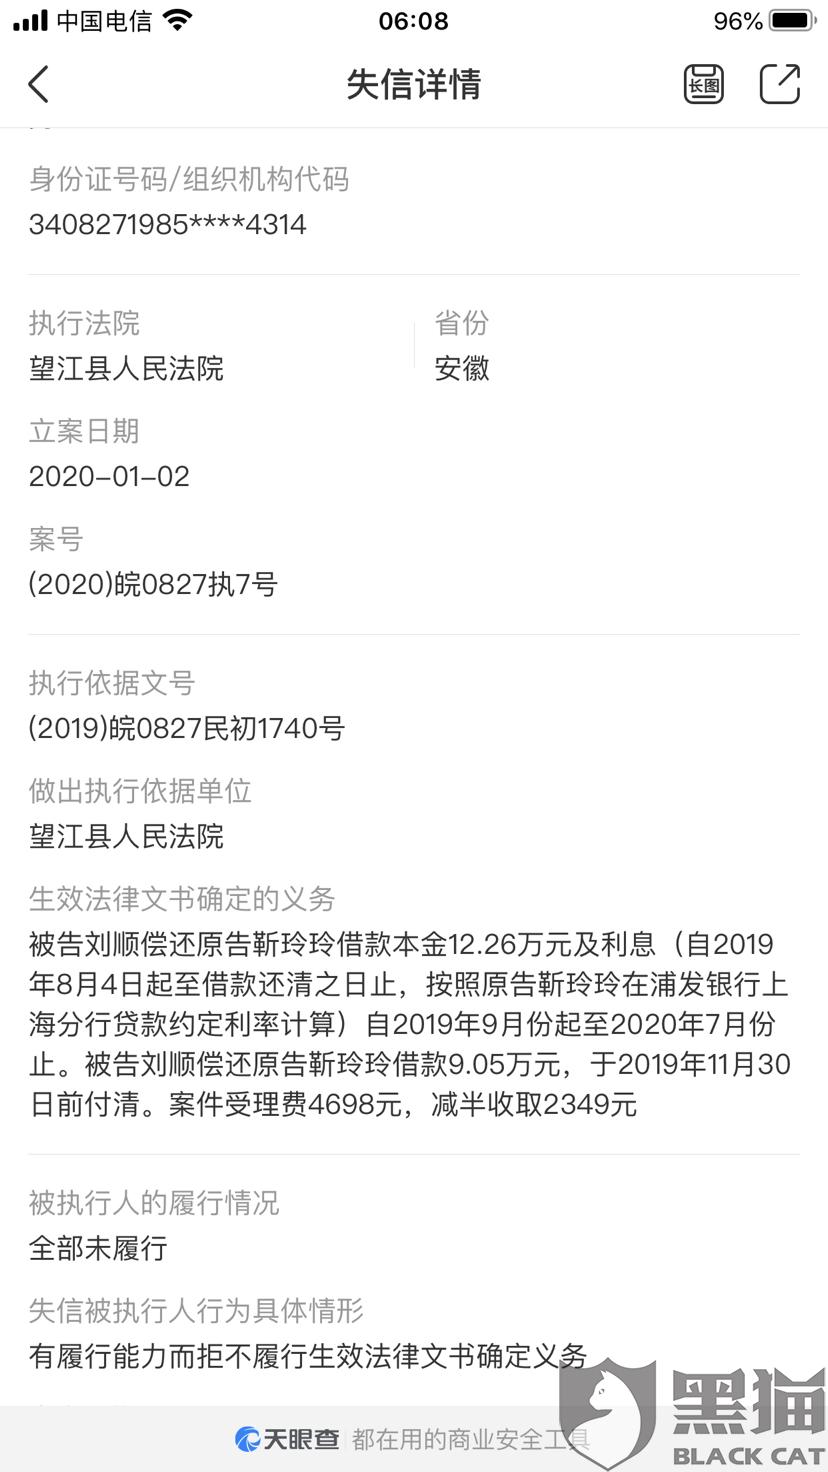 黑猫投诉:平安普惠催款方式真的与众不同,每天每次人都不同,稍微不接就打给其他人泄露隐私